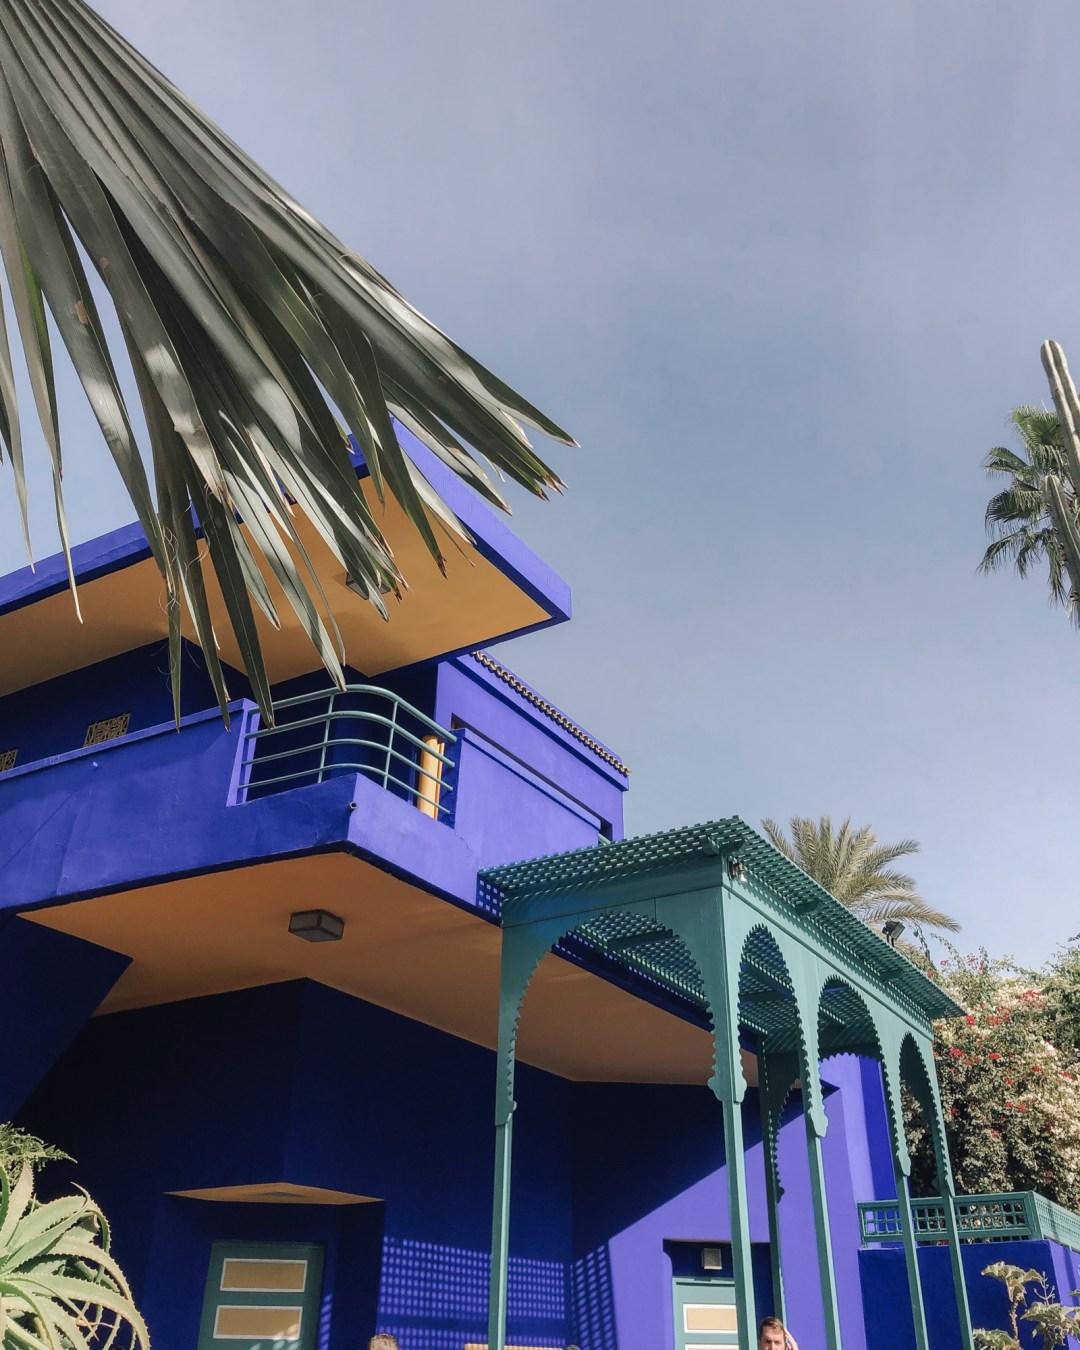 Inastil, Reiseblog, Ue50Blogger, Marrakech, Marokko, Travelblog, Reisebericht, Visualdiary,_-4